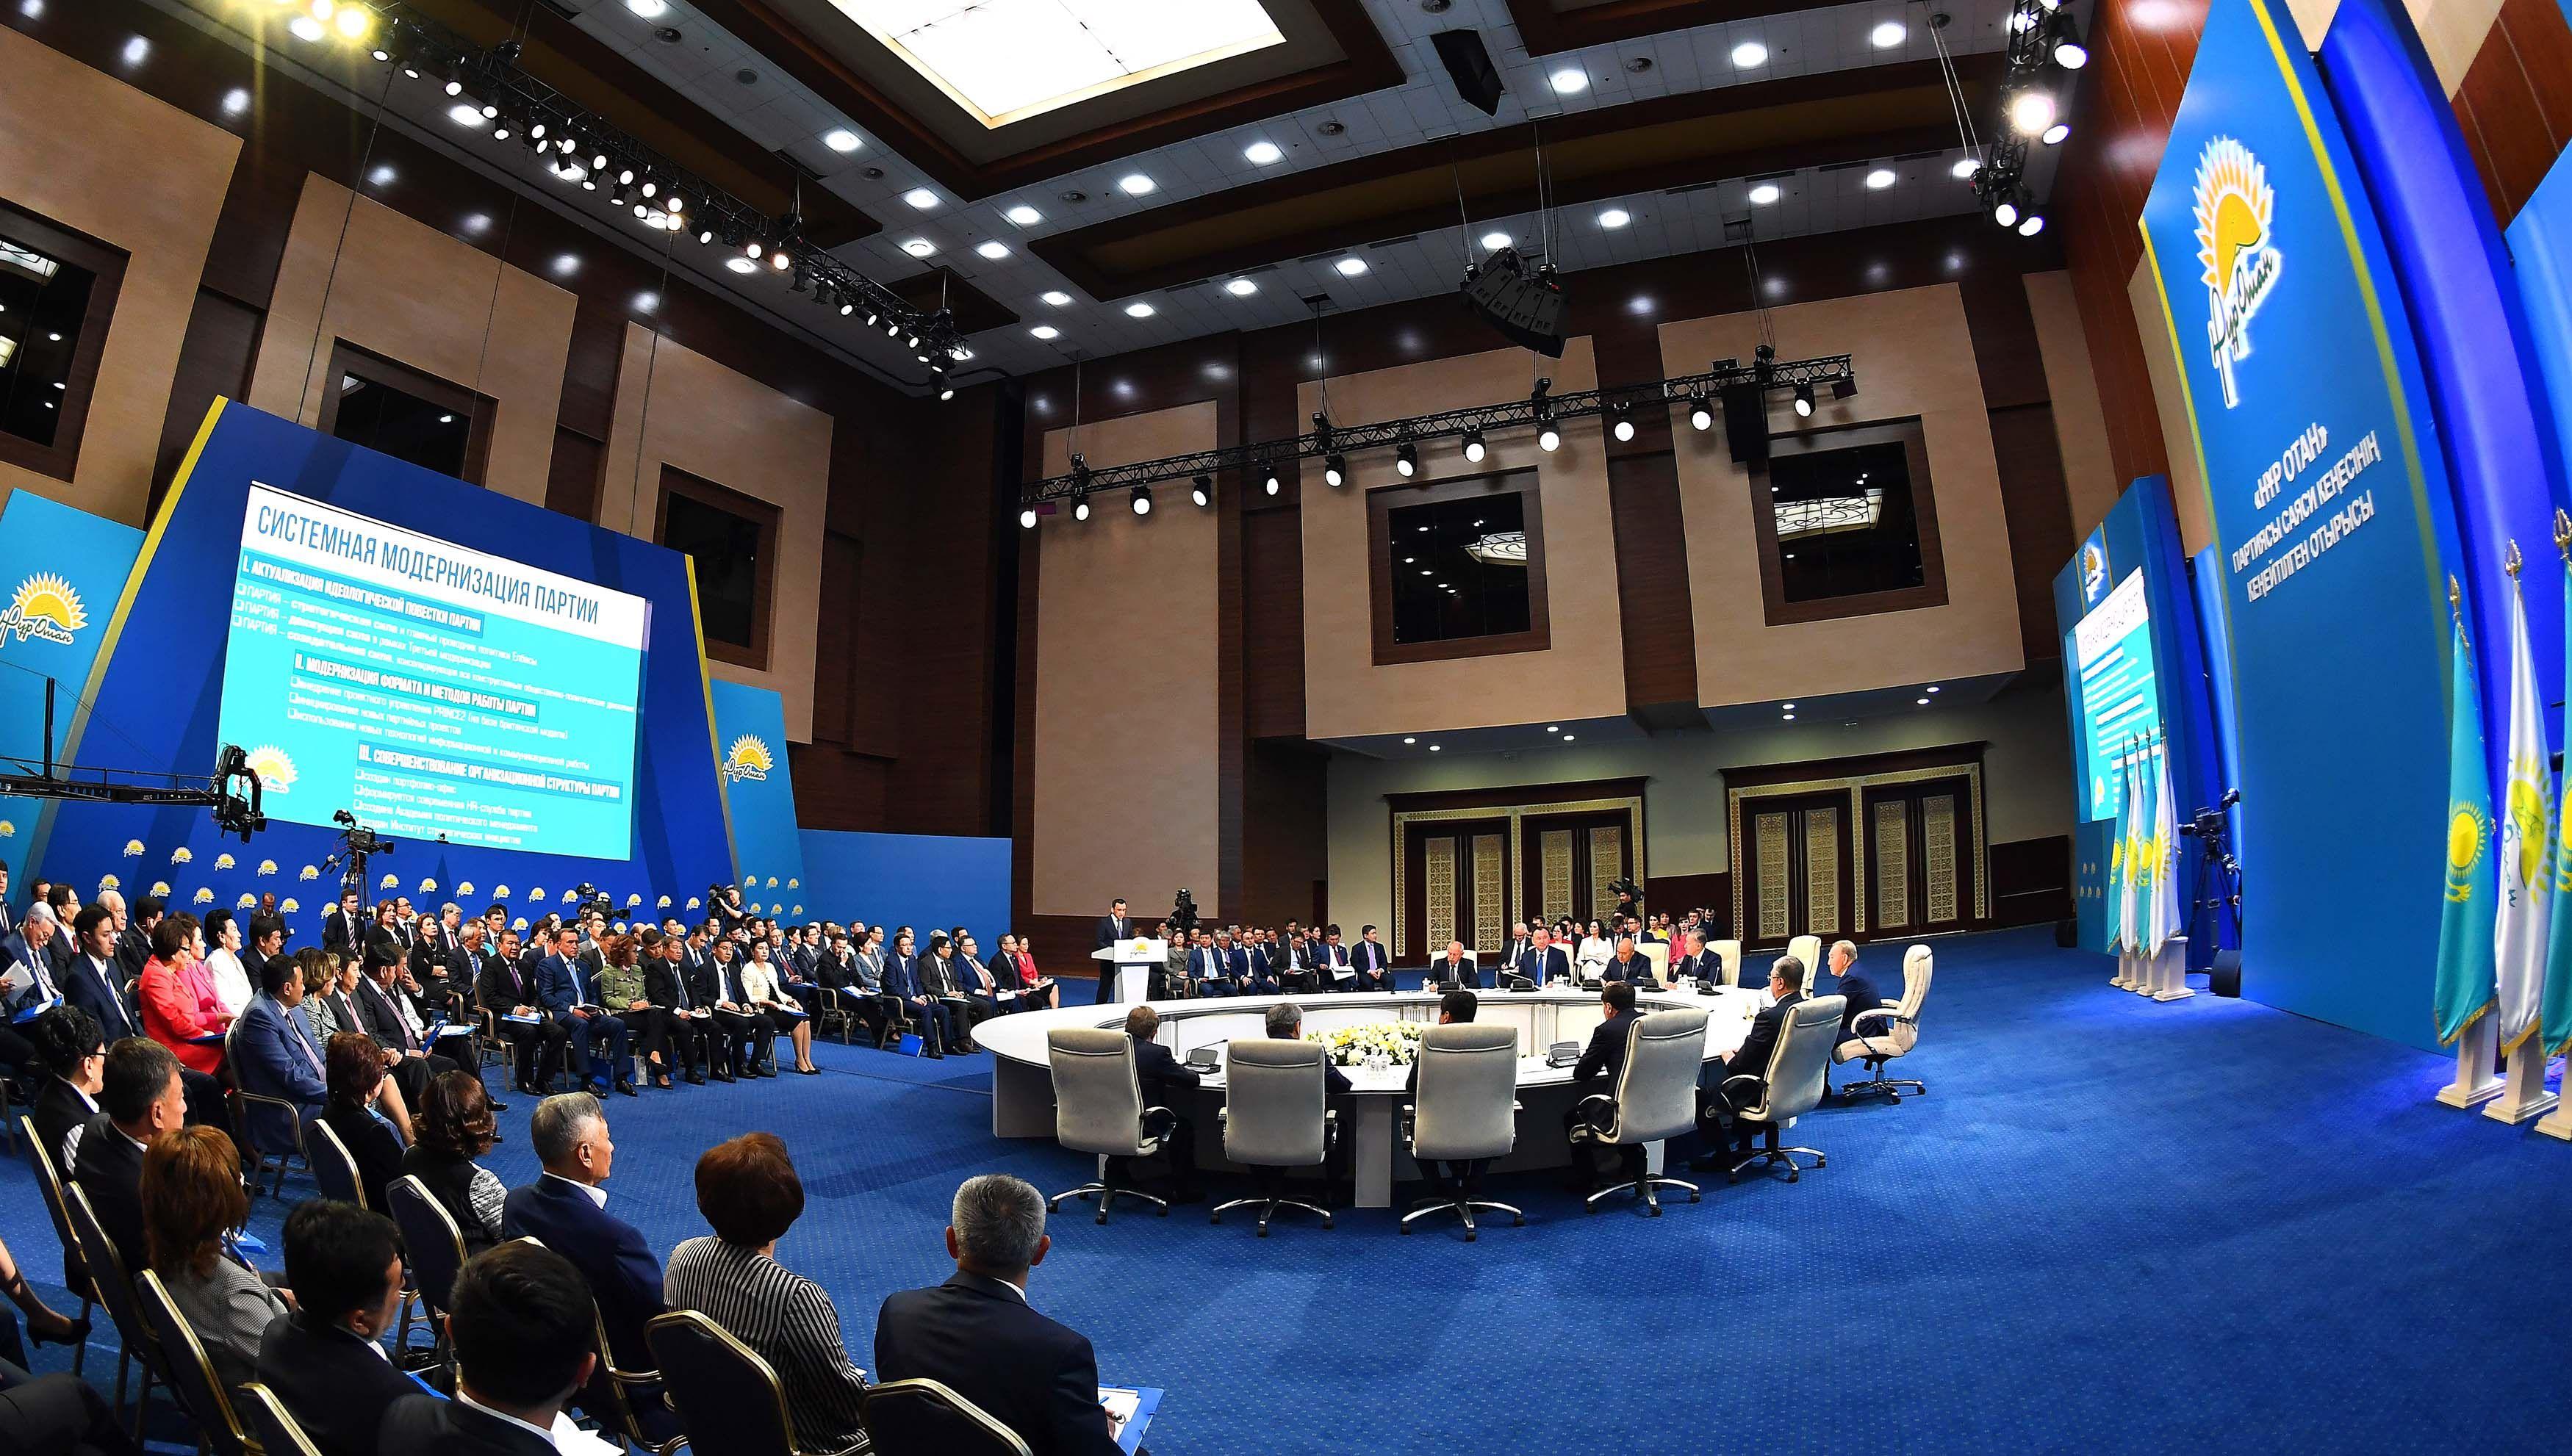 Президент: Стабильность страны зависит отбизнеса- Kapital.kz